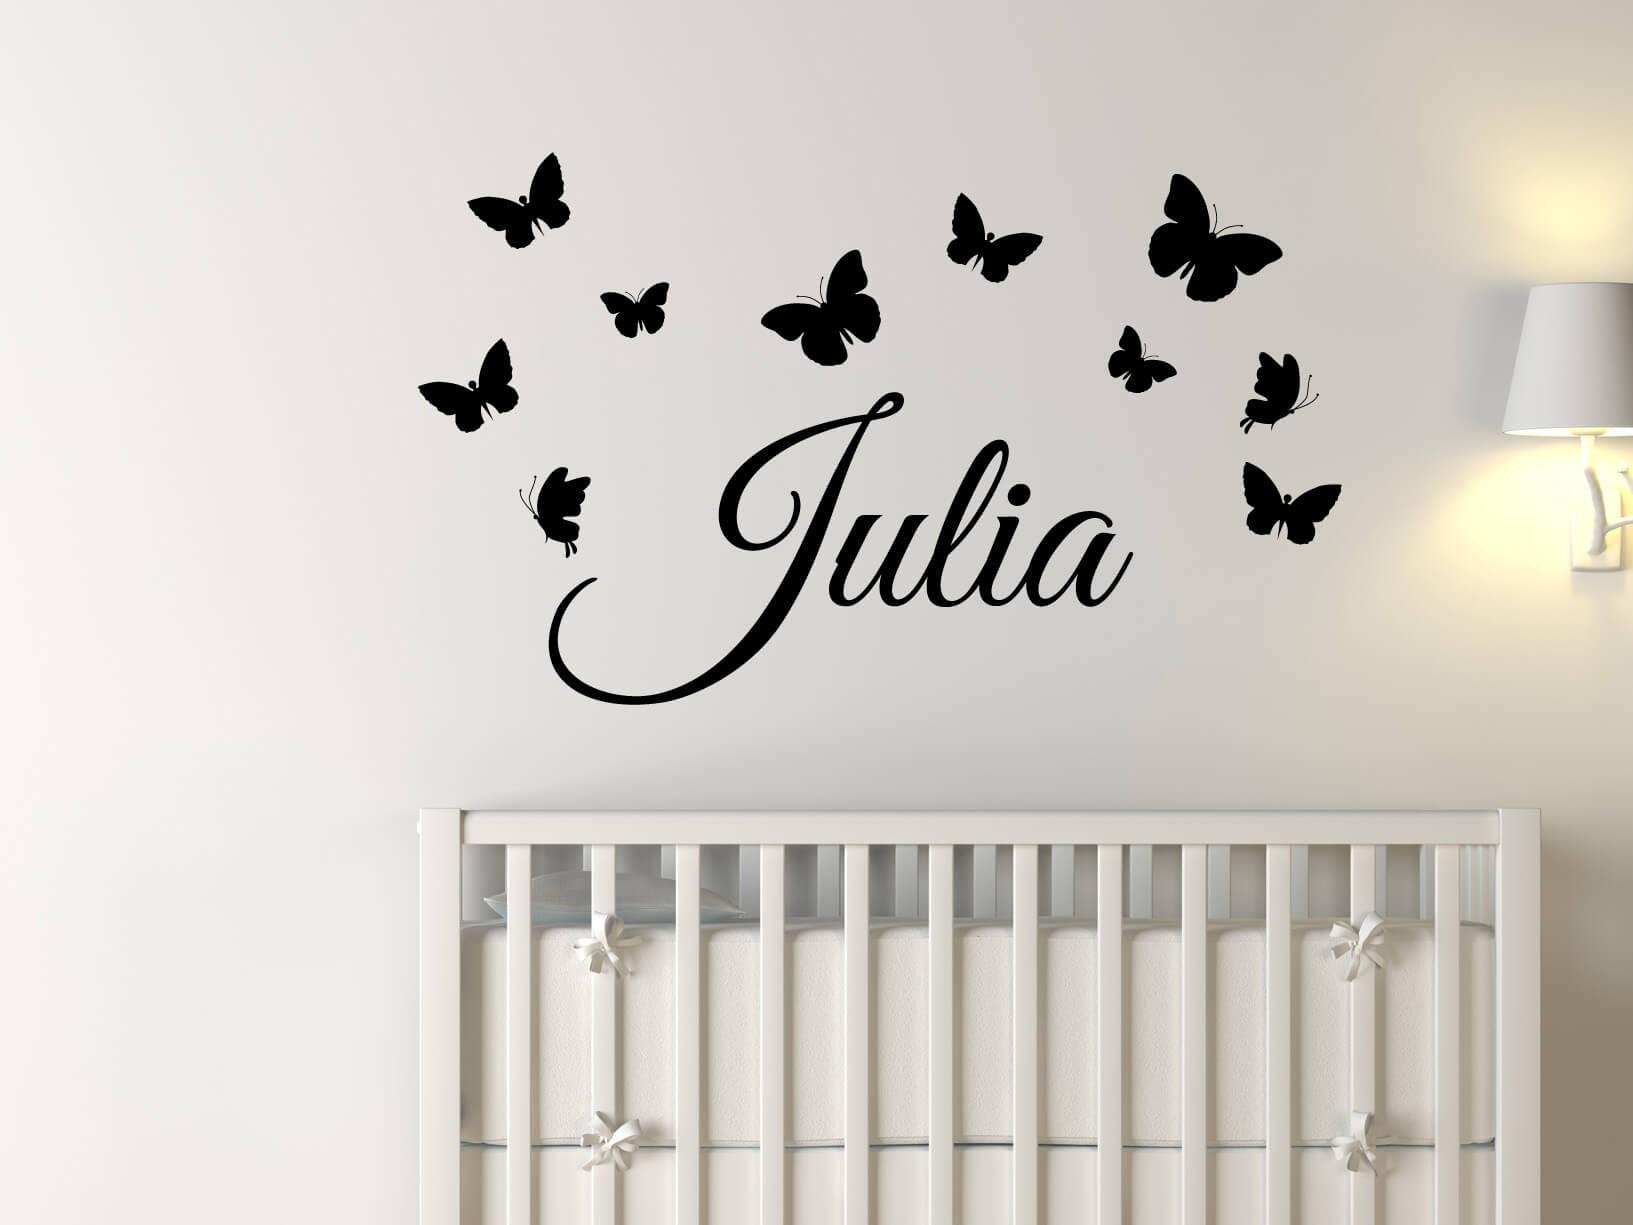 Muursticker eigen naam met vlinders